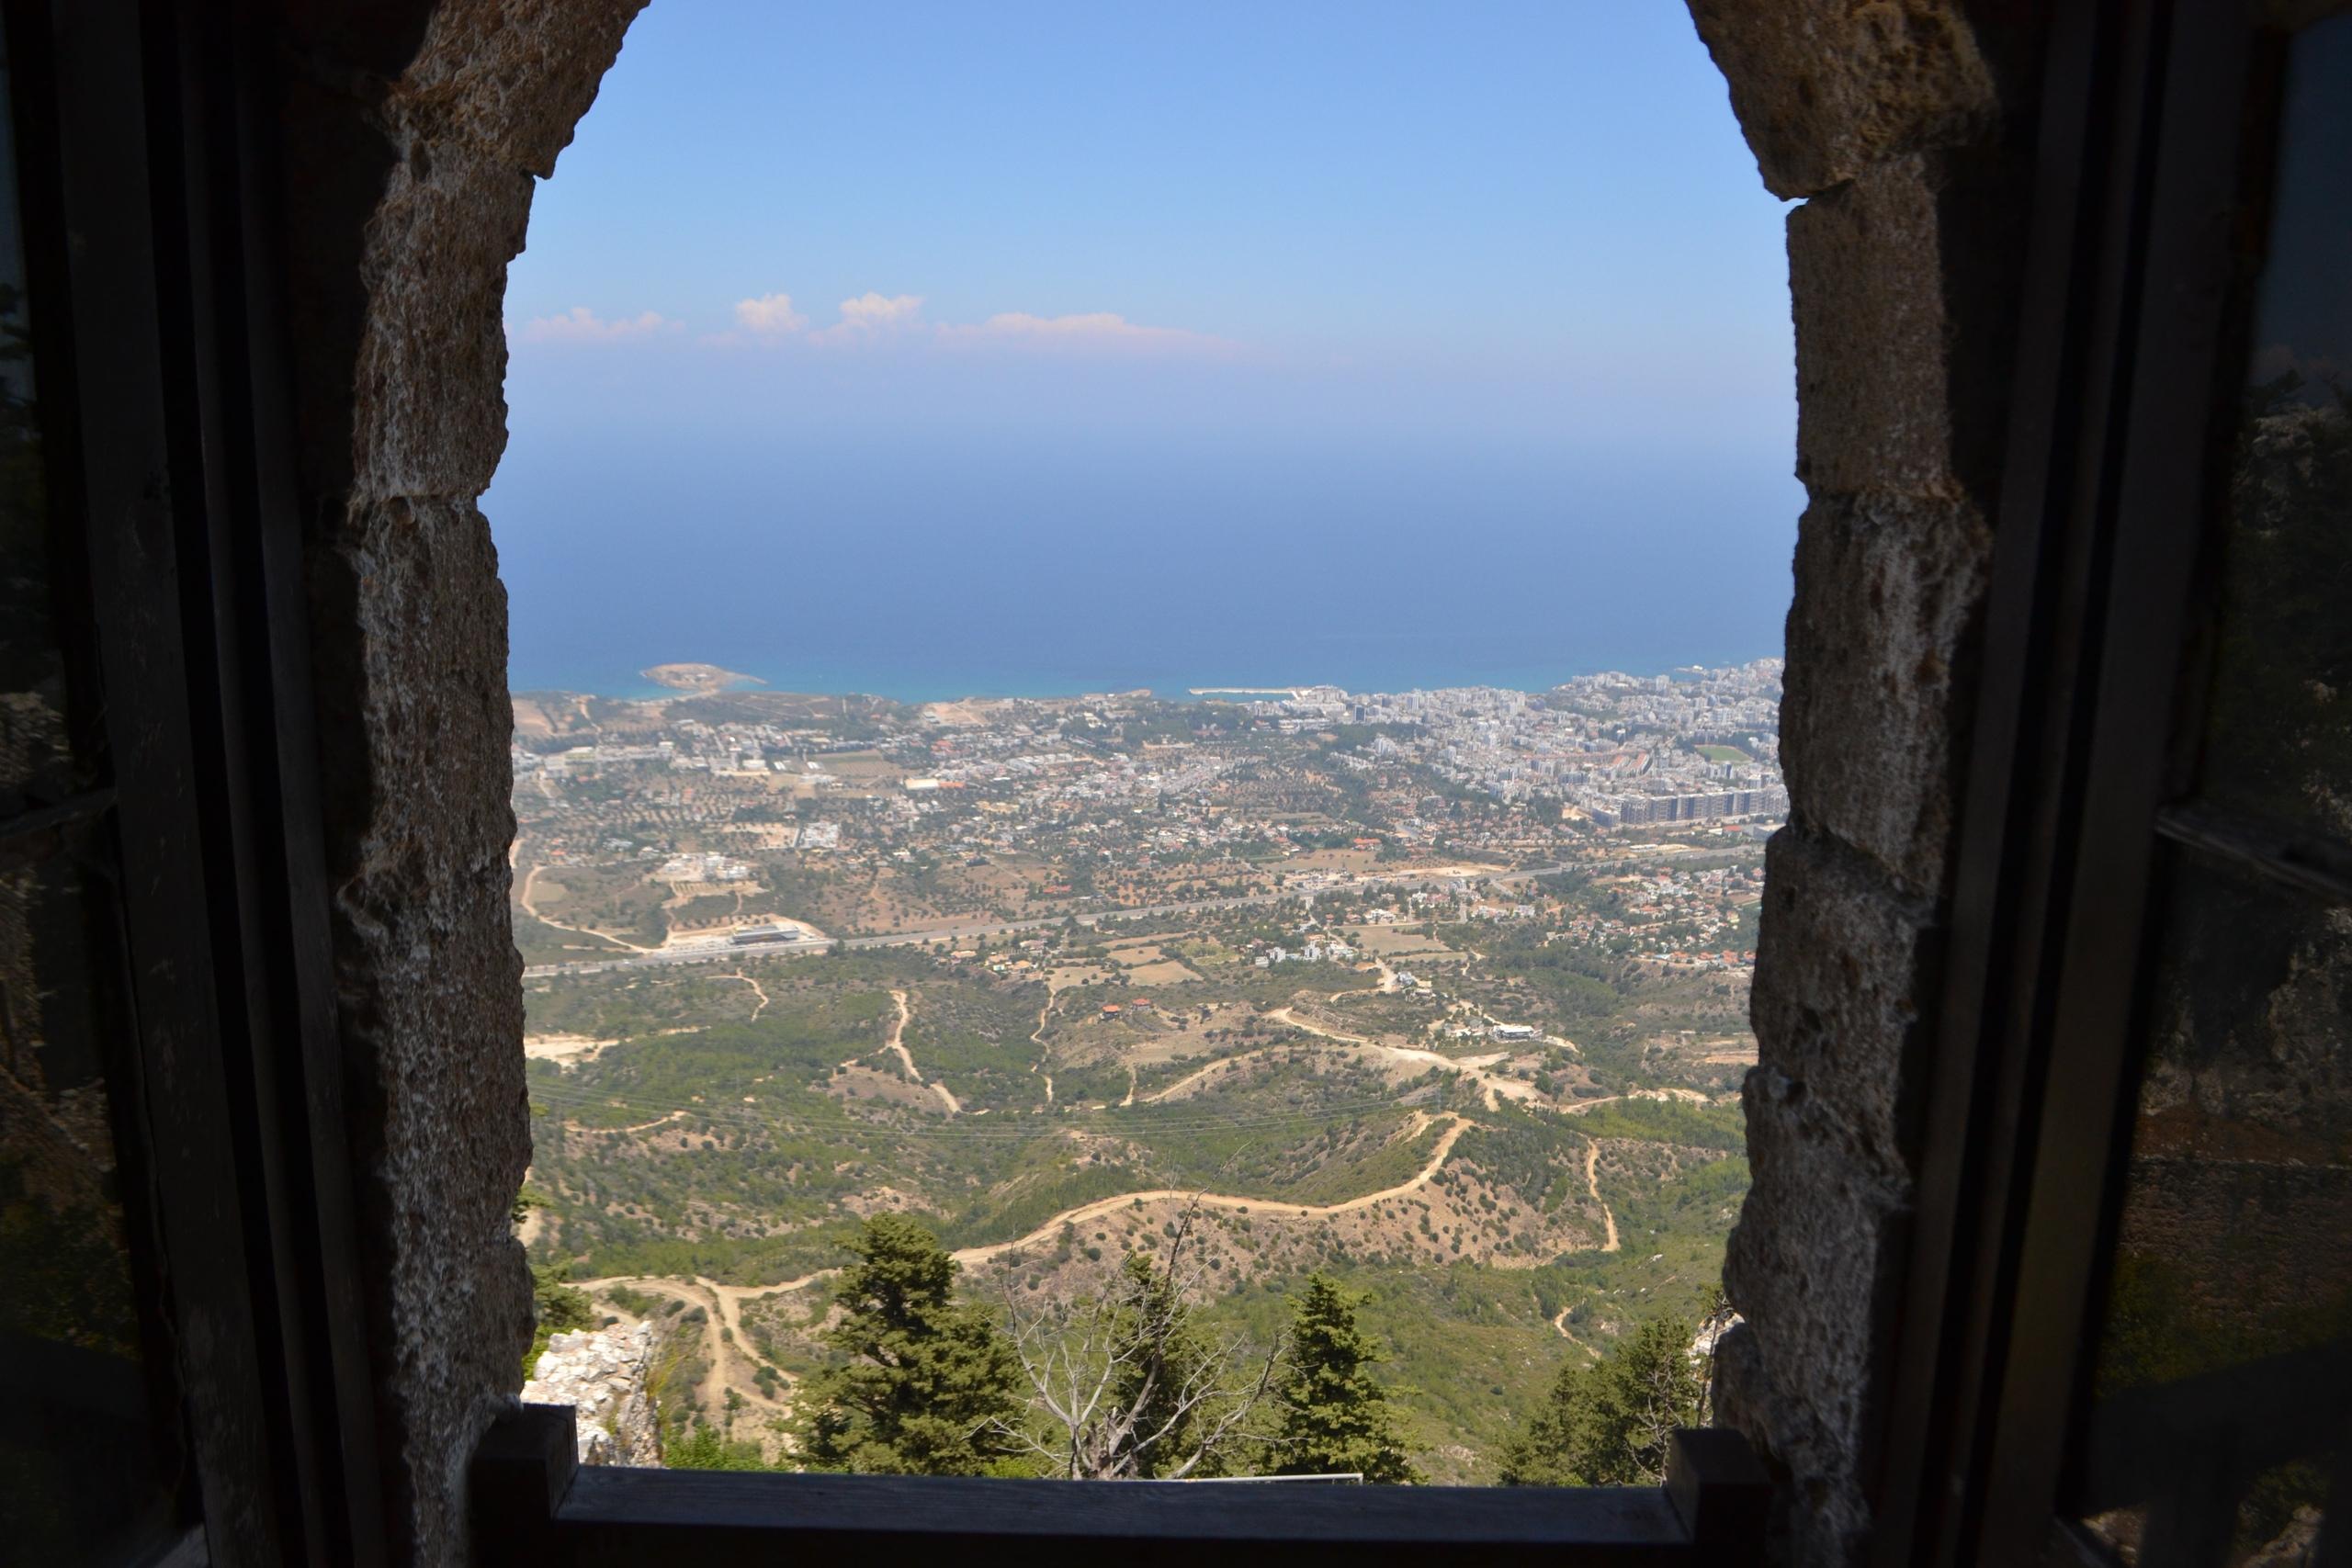 Северный Кипр. Замок Святого Иллариона. (фото). - Страница 2 -hlMQZp1Vio